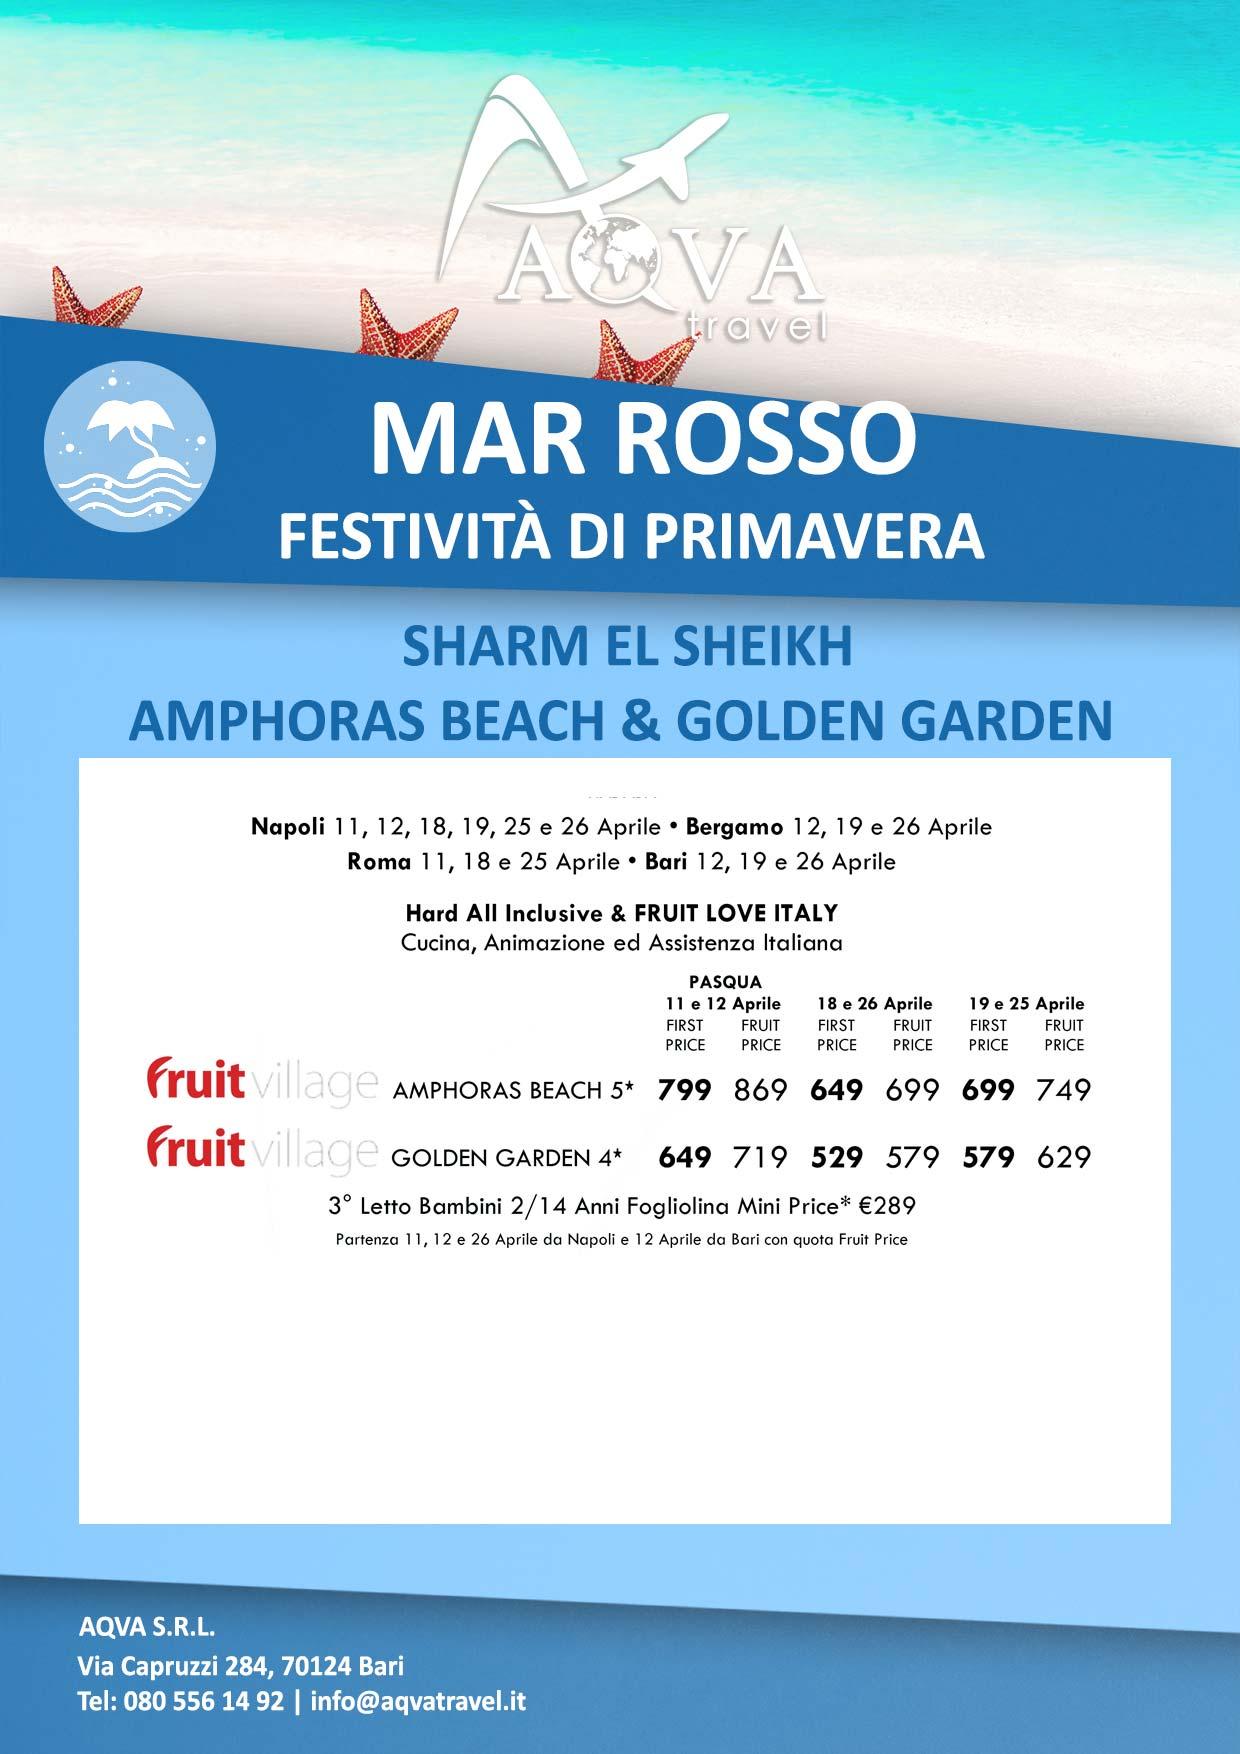 MAR-ROSSO-FESTIVITÀ-DI-PRIMAVERA-SHARM-EL-SHEIKH-offerte-agenzia-di-viaggi-Bari-AQVATRAVEL-it